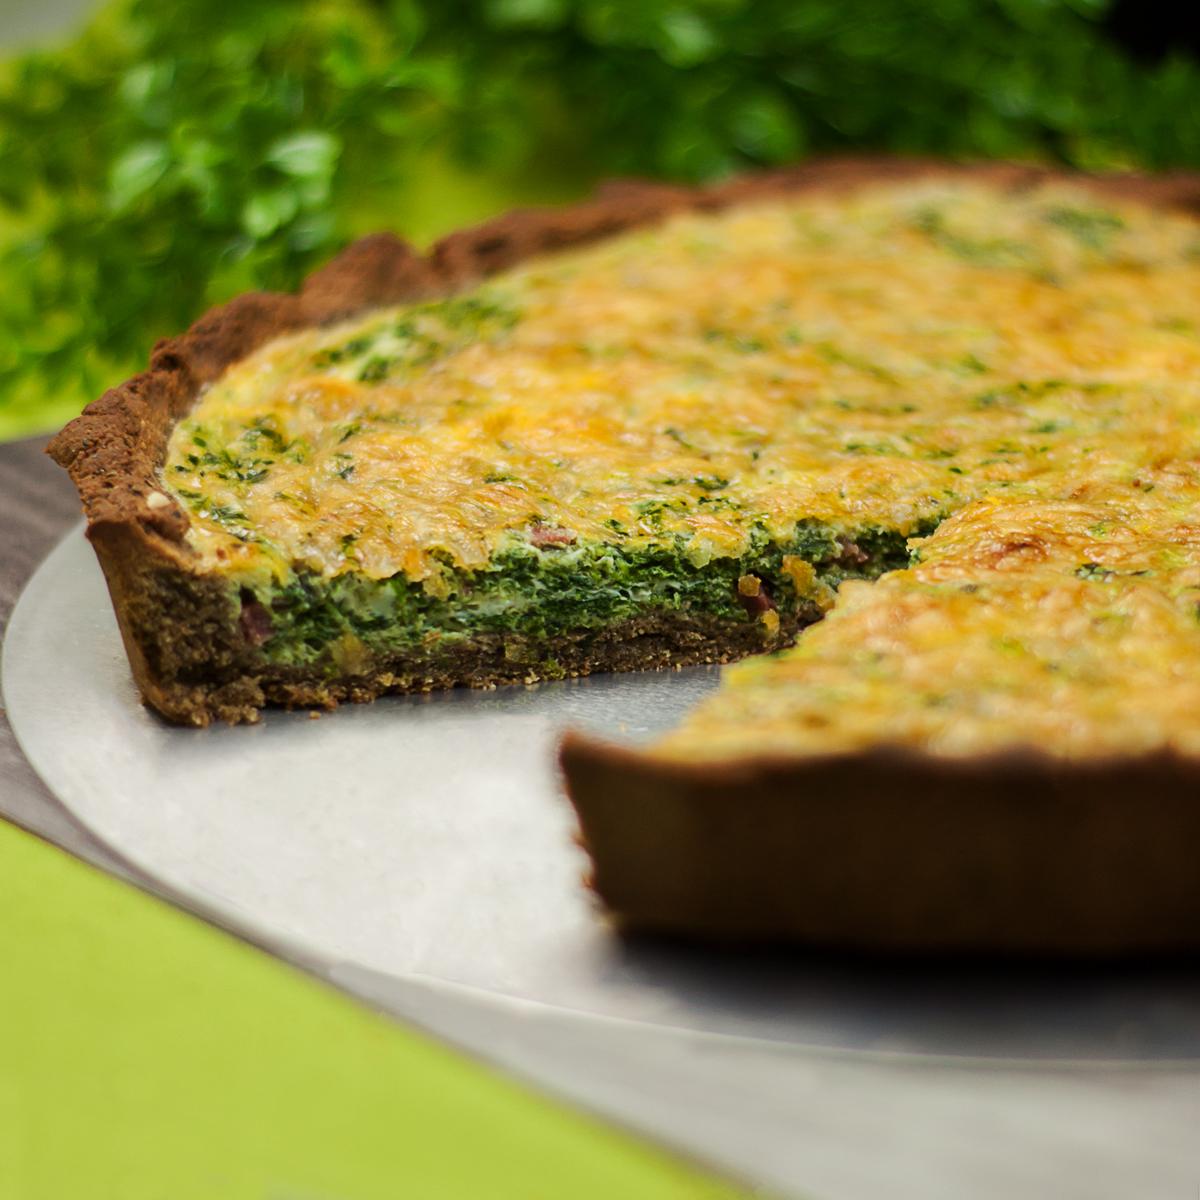 Die deftige Spinat-Quiche ist lecker und Low Carb.